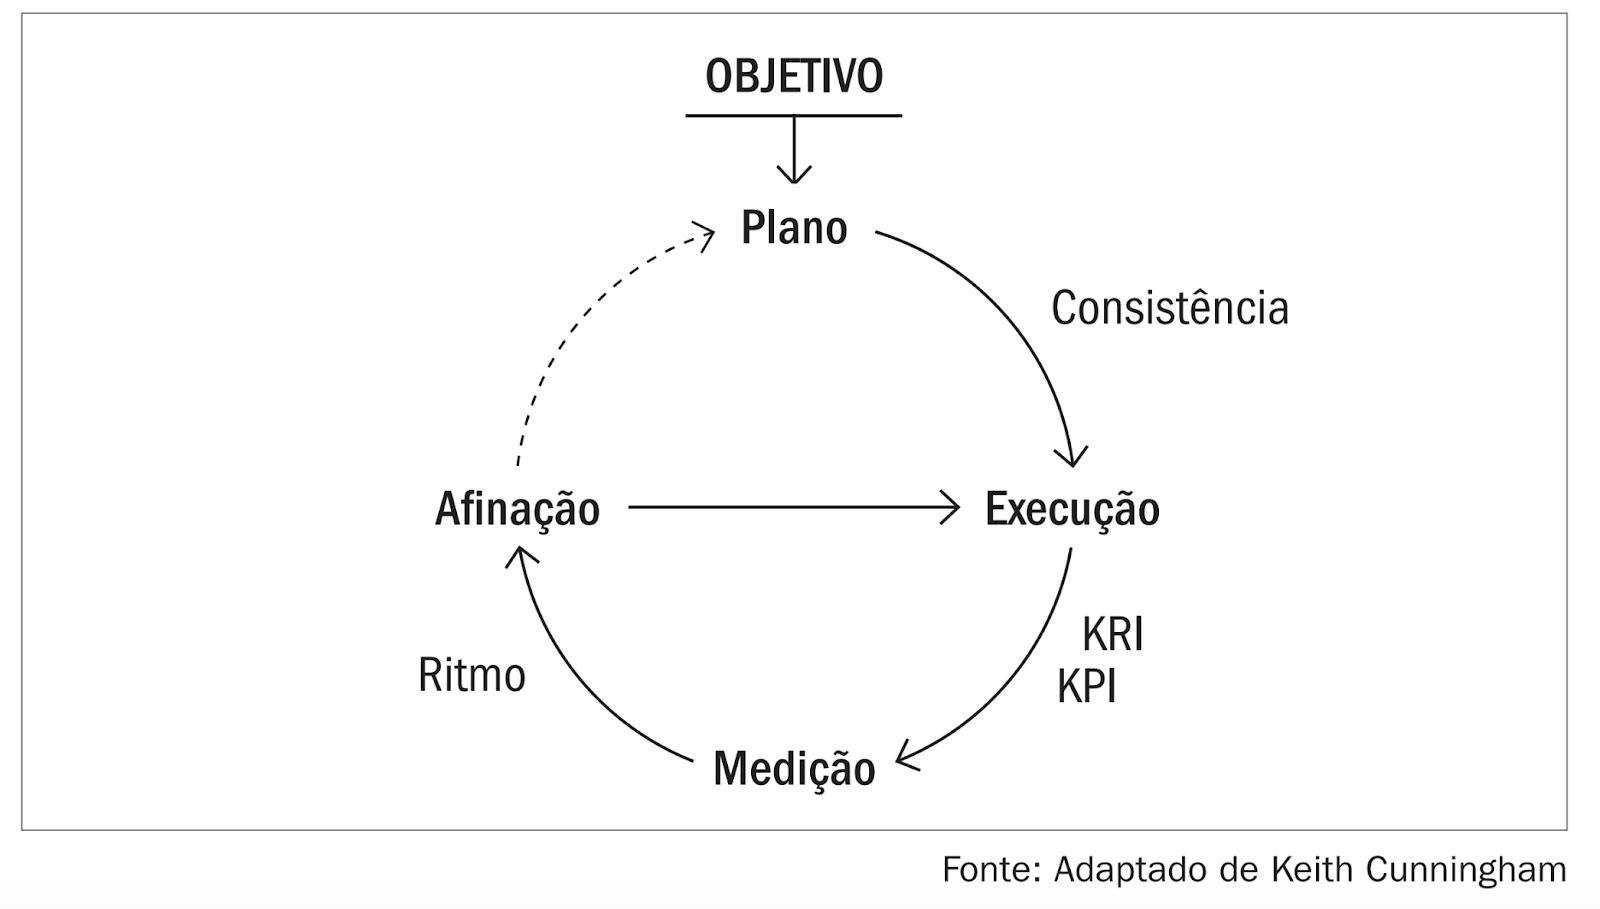 Os 3 Pilares da Gestão de Empresas: Objetivos, Plano e Execução Consistentes 1